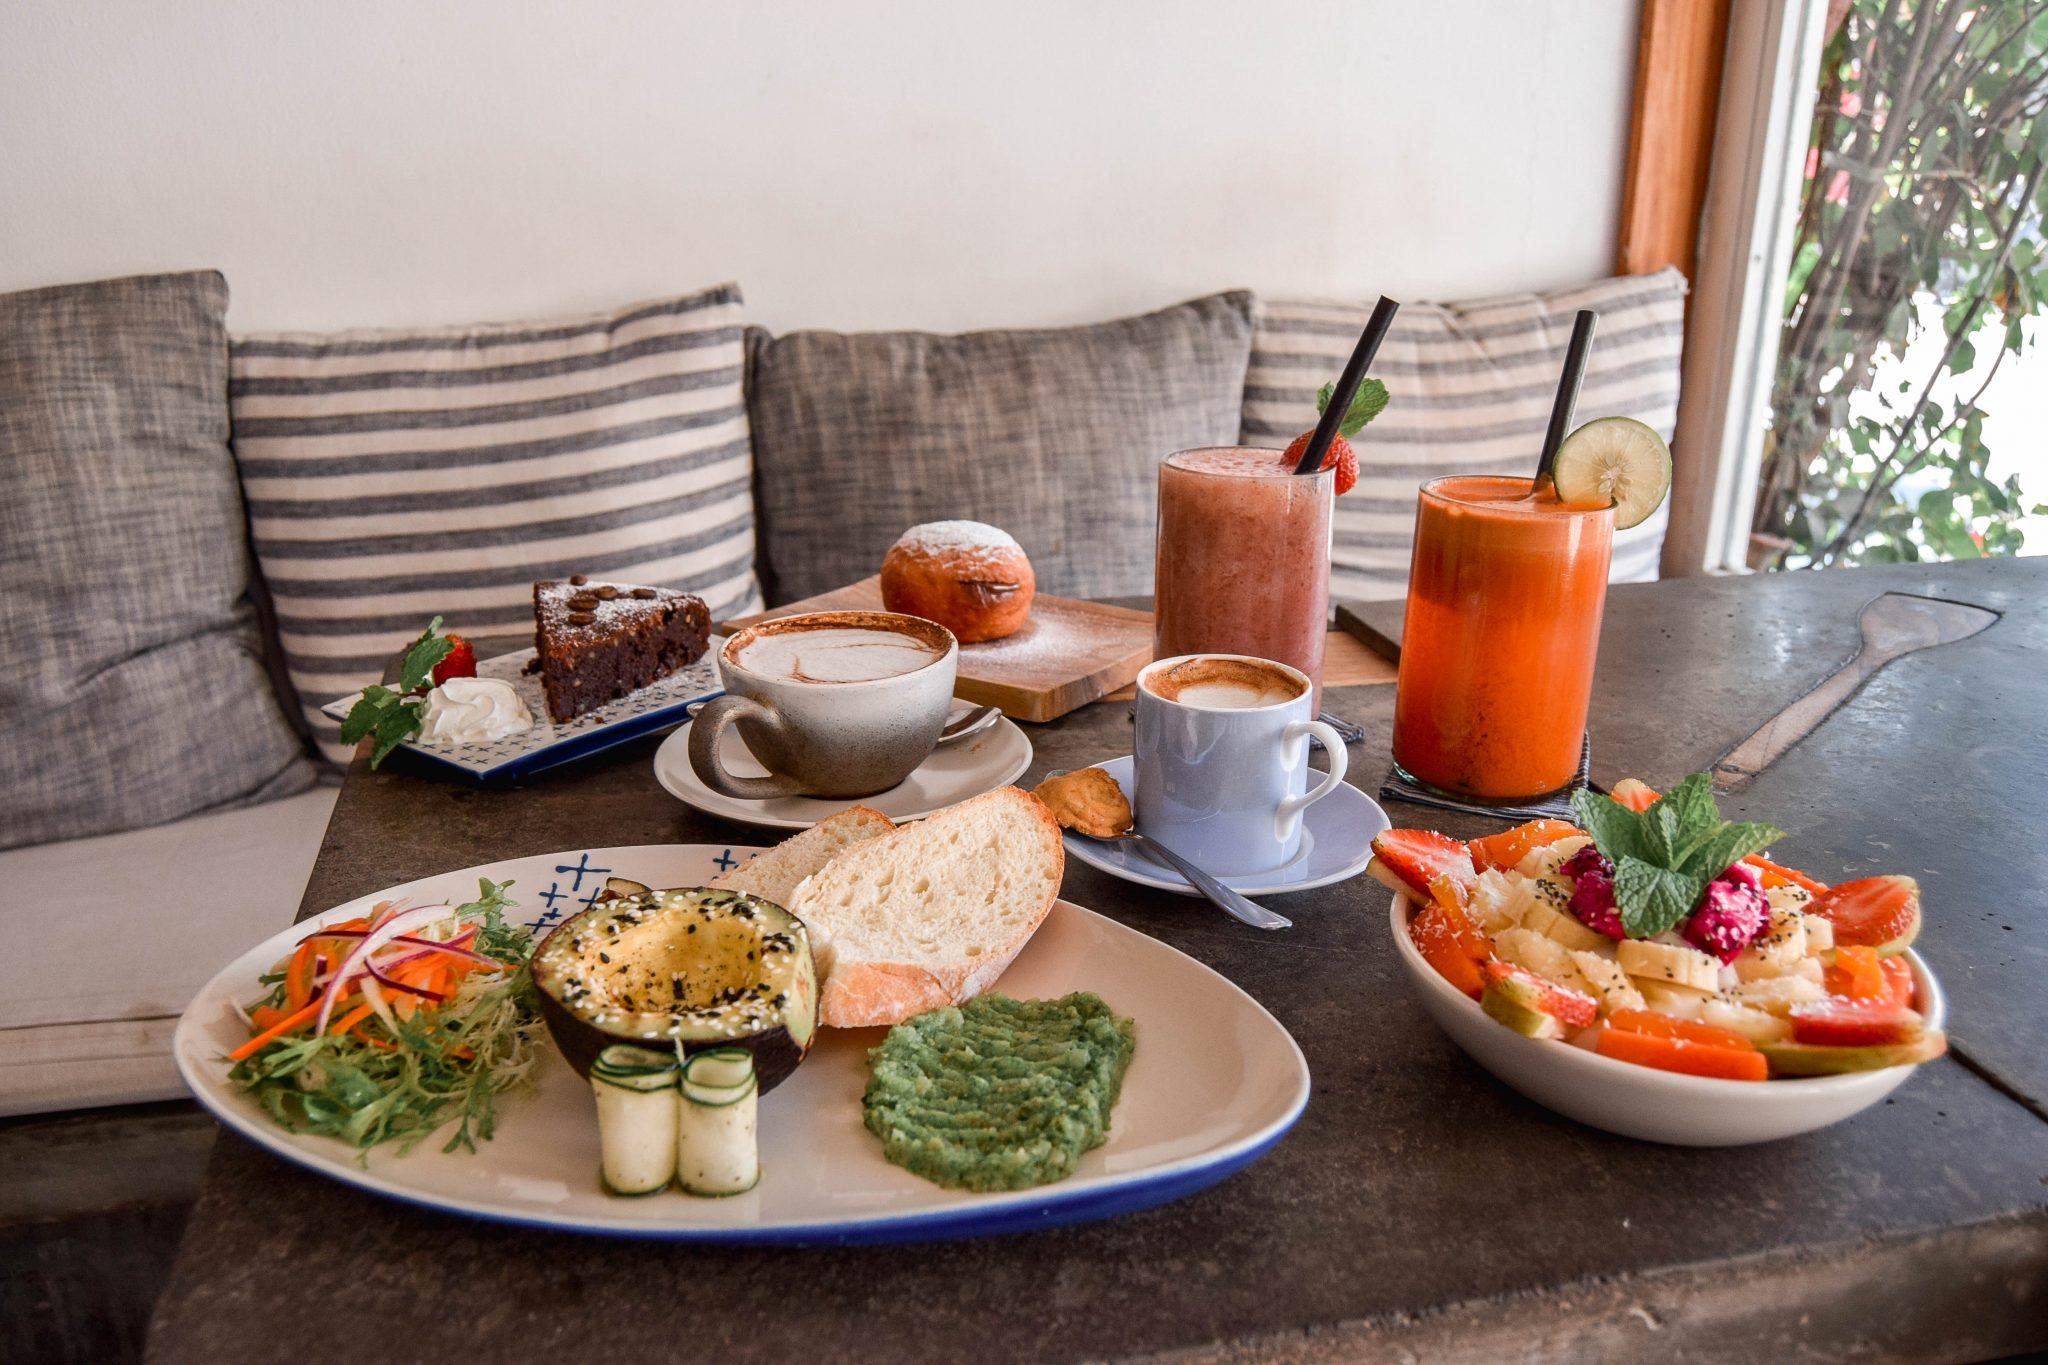 Wanderers & Warriors - Bottega Italiano Restaurant Canggu Bali - Best Restaurants In Bali Food - Best Restaurants In Canggu